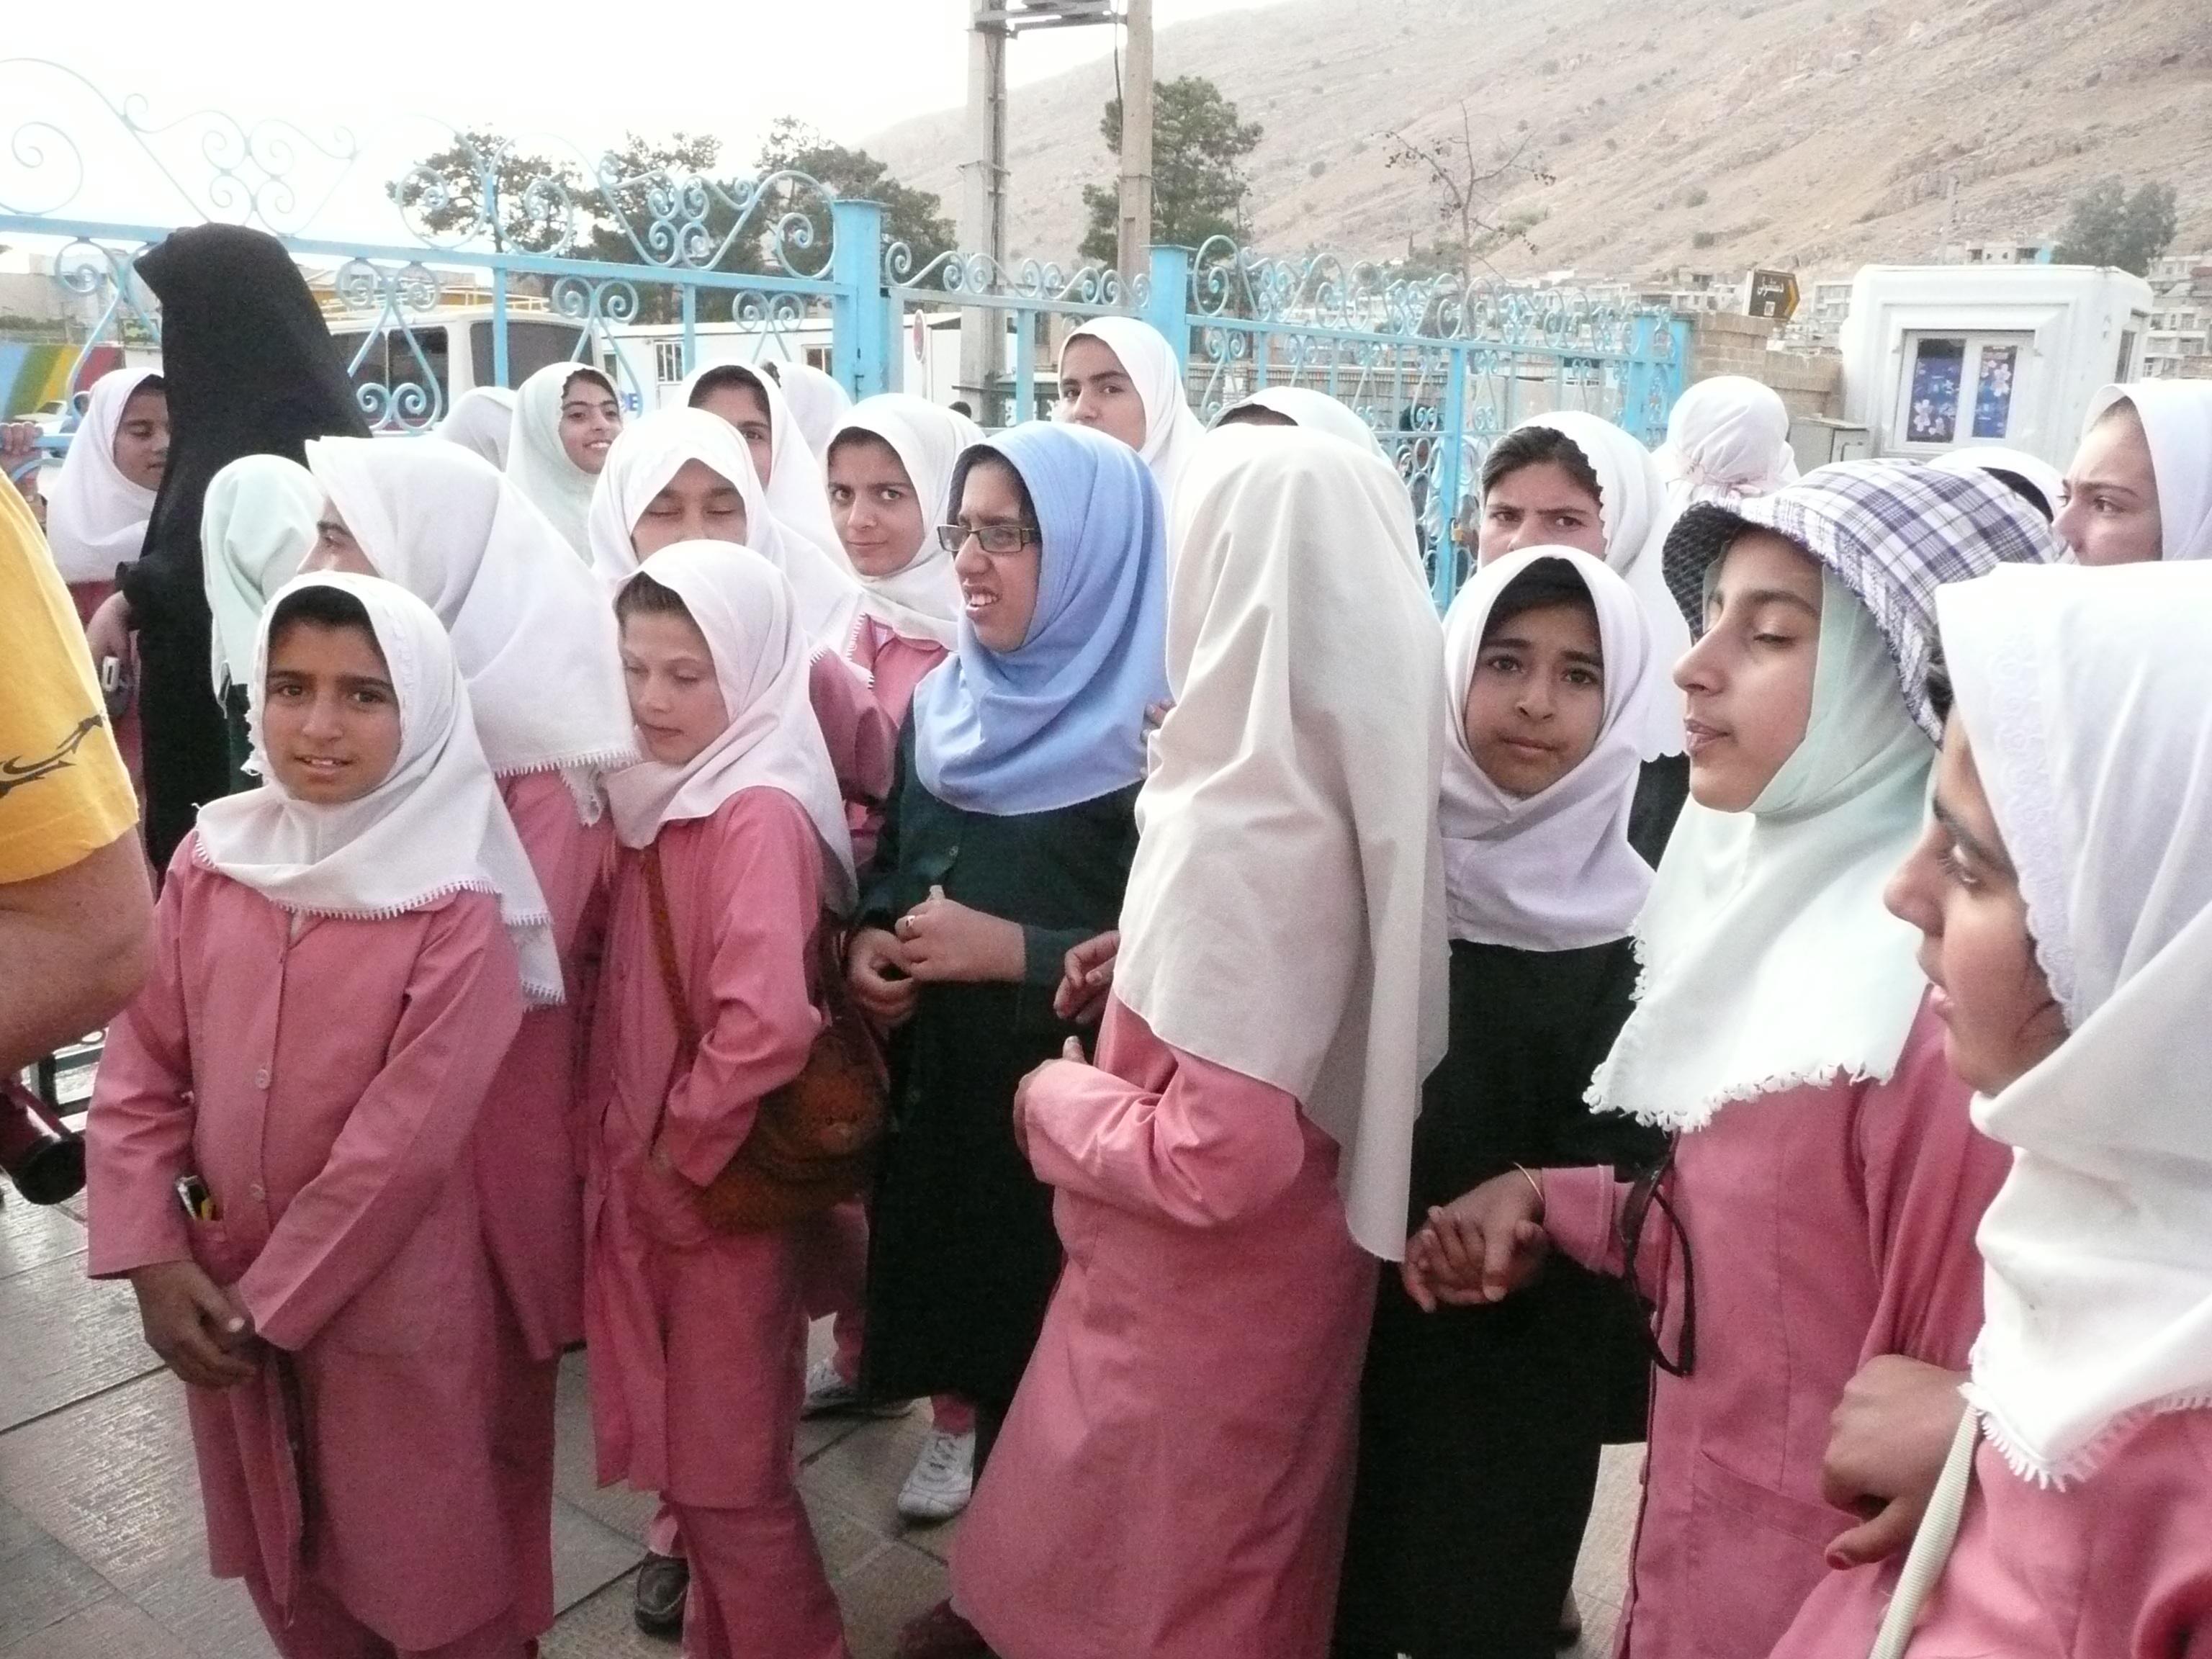 Movies teen persian girls school strings